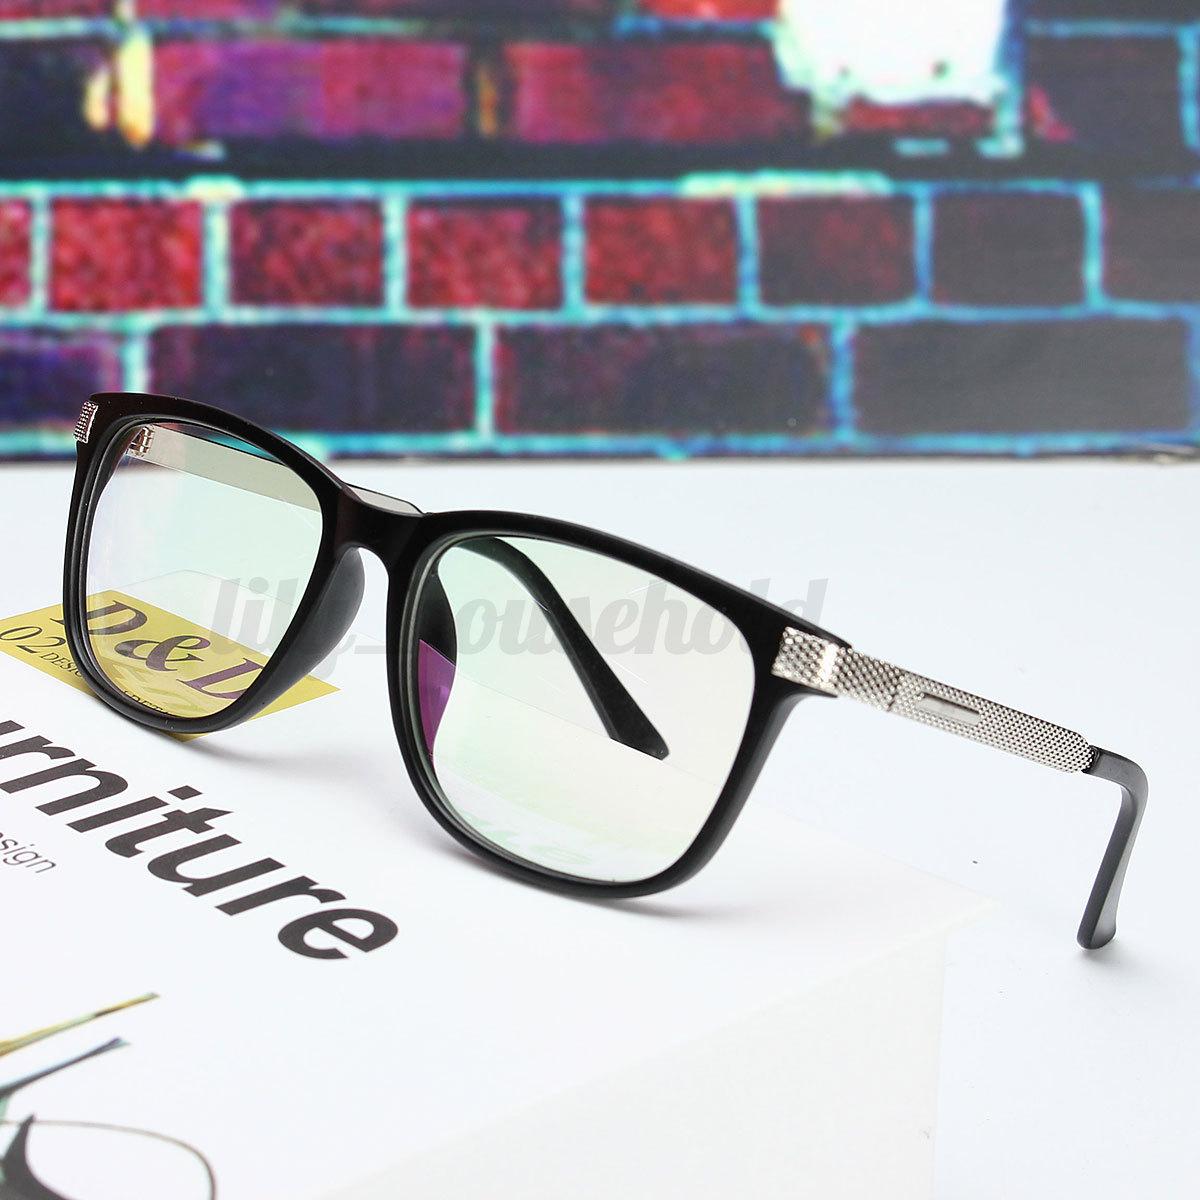 Damen Herren Vintage Brille Brillen Nerd Klarglas Brillenfassungen ...